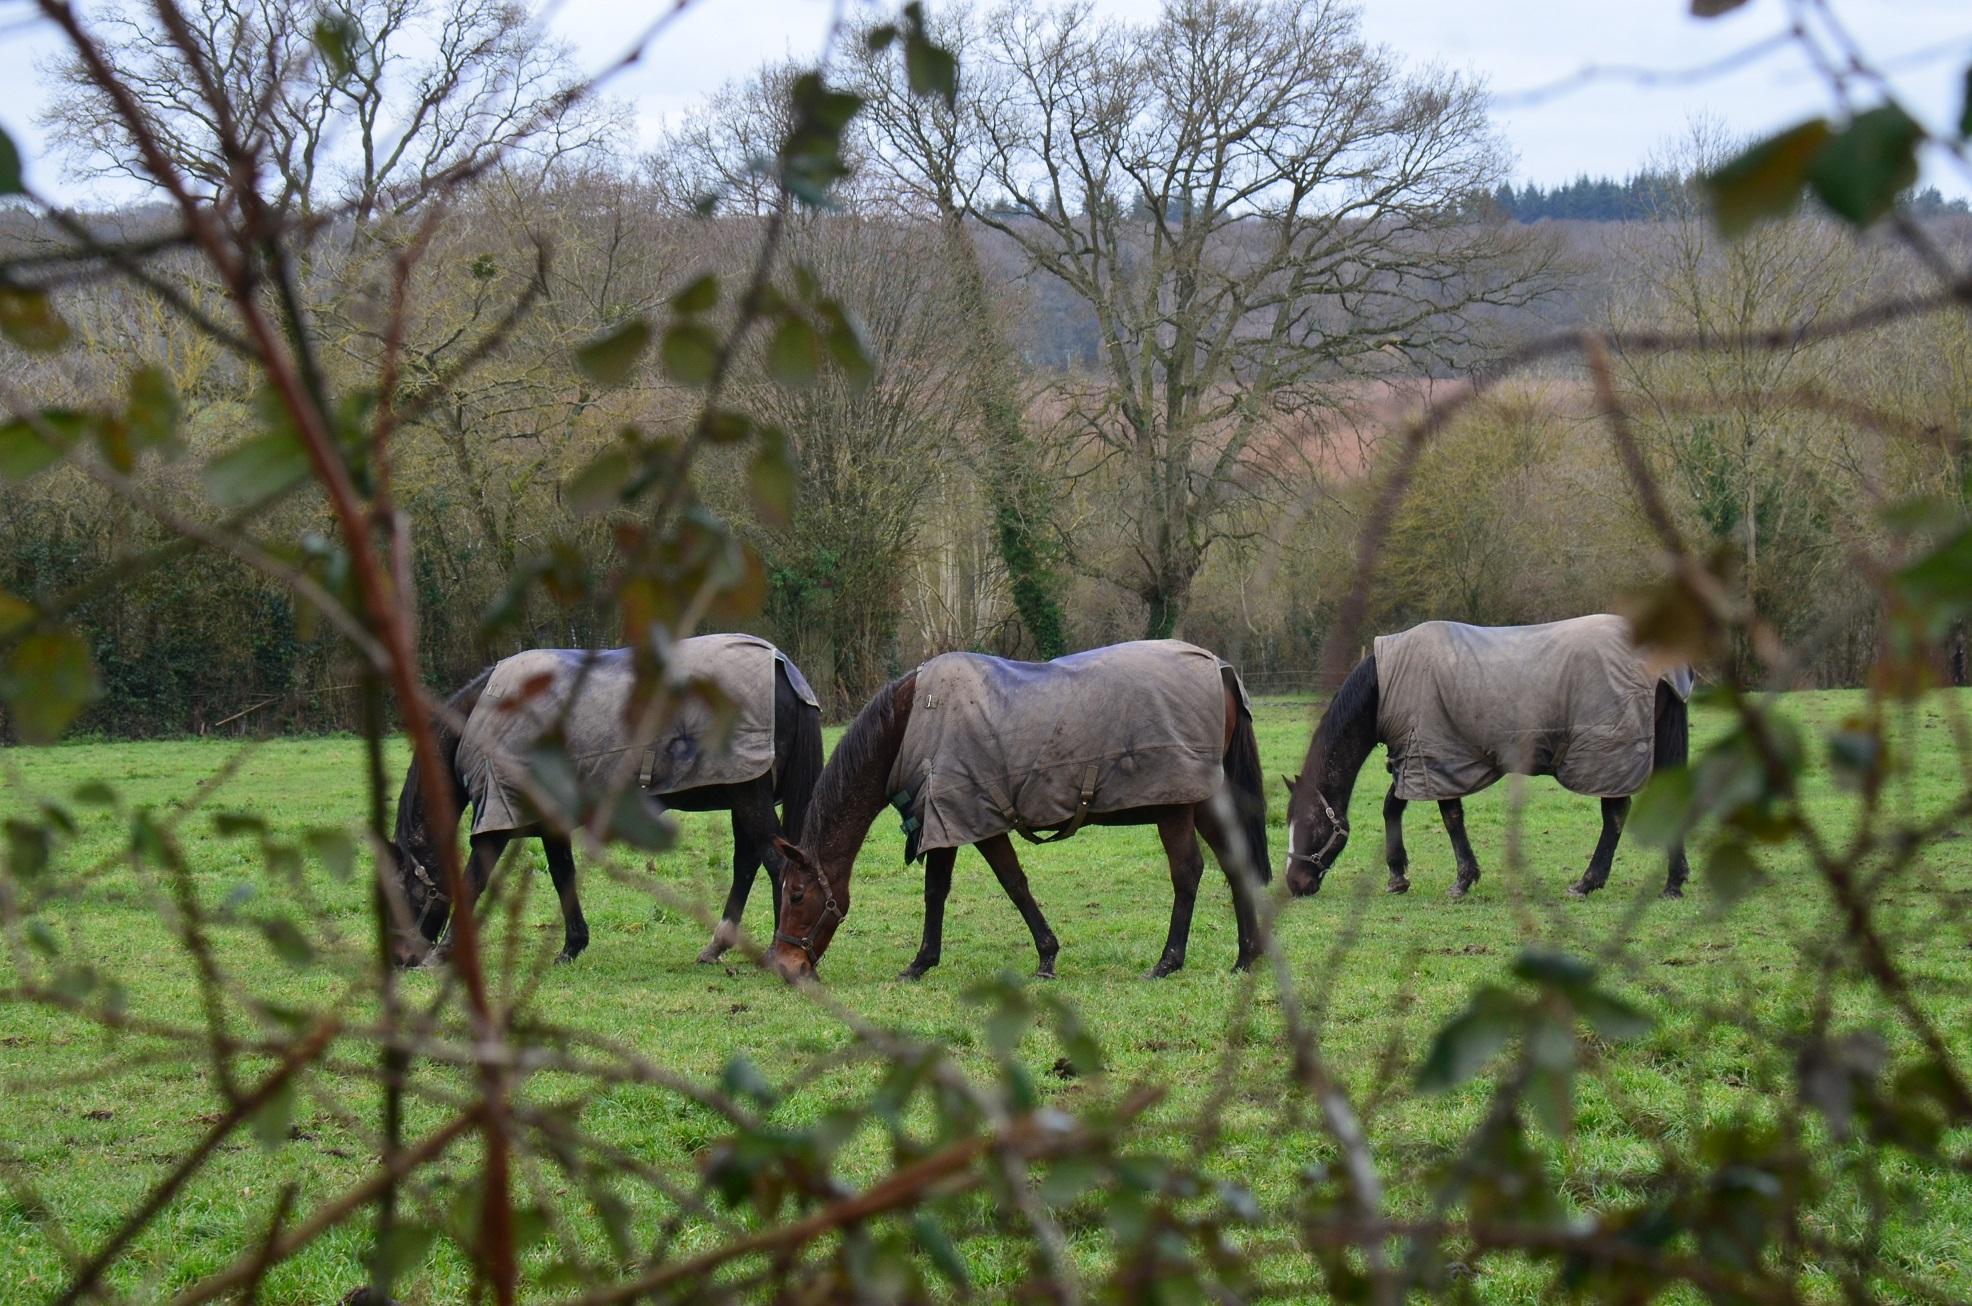 Des caméras pour protéger les chevaux ?